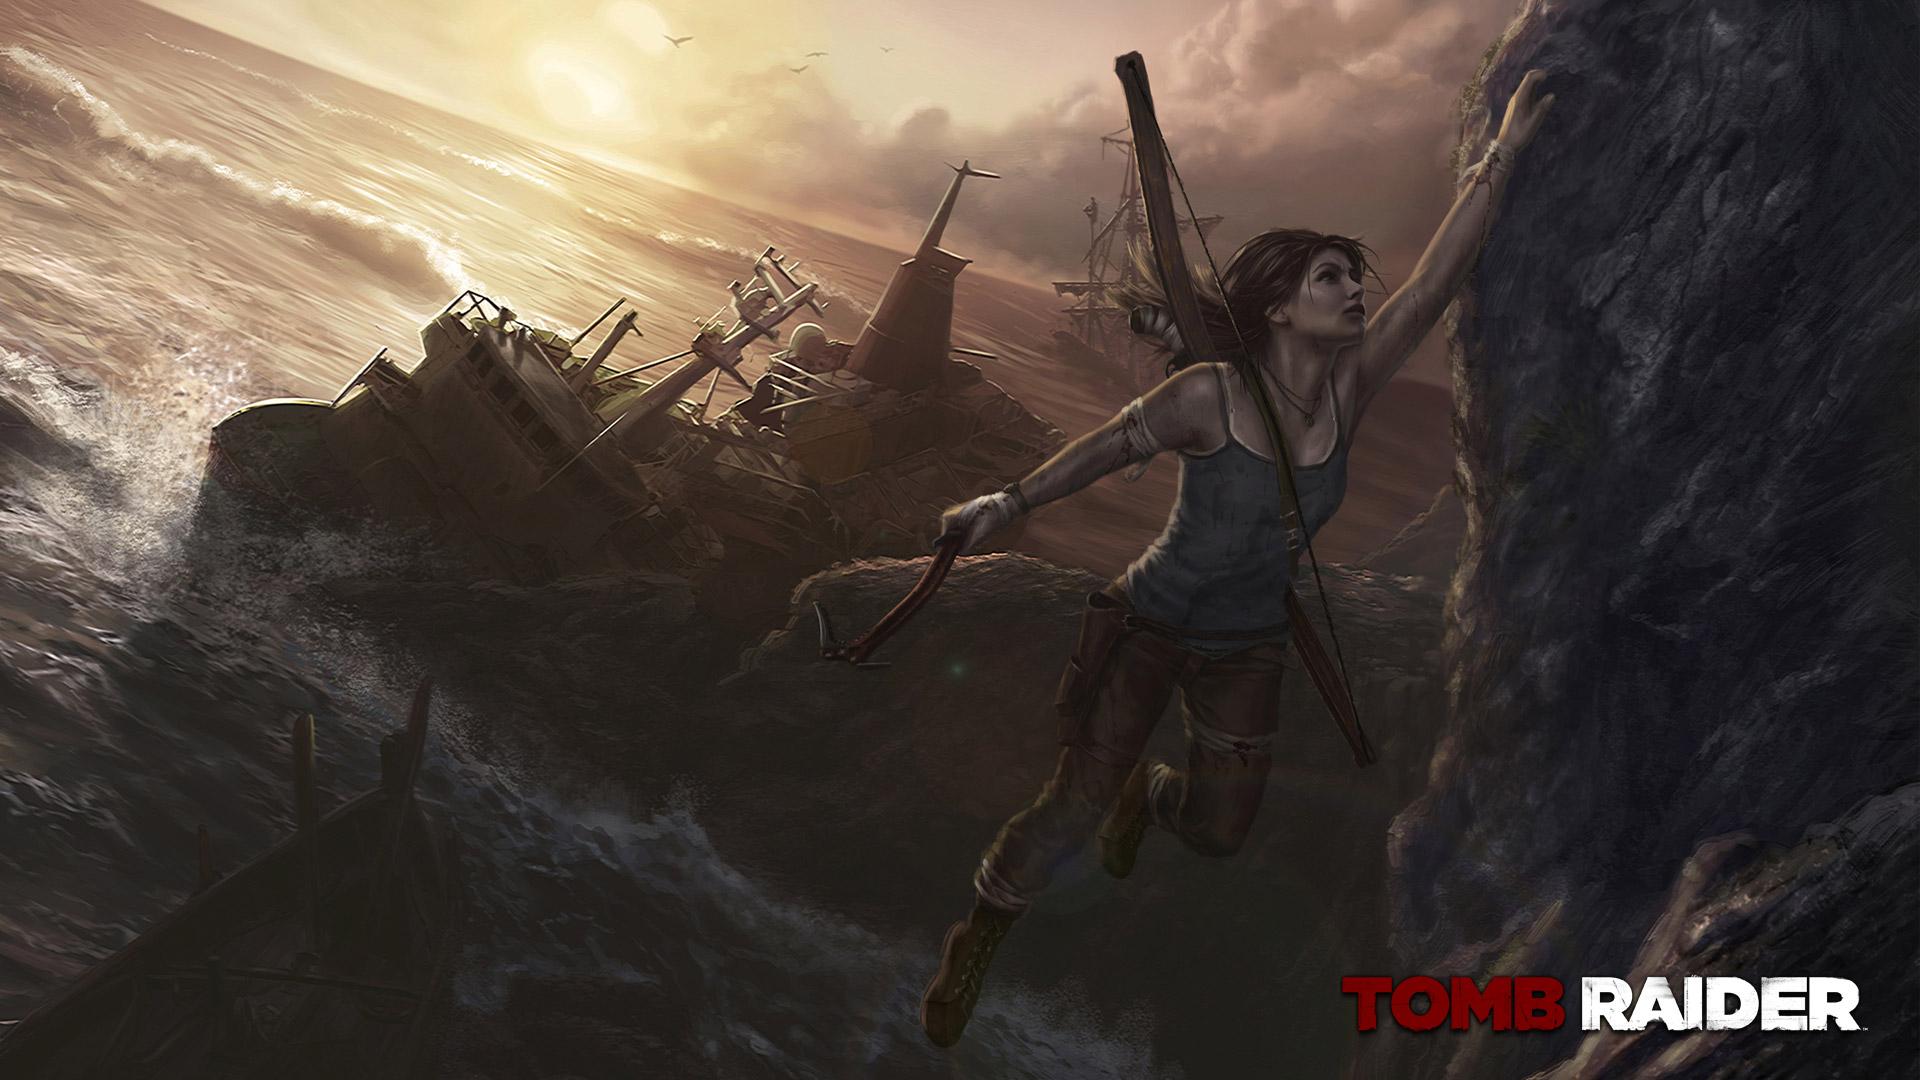 Tomb Raider Wallpaper in 1920x1080